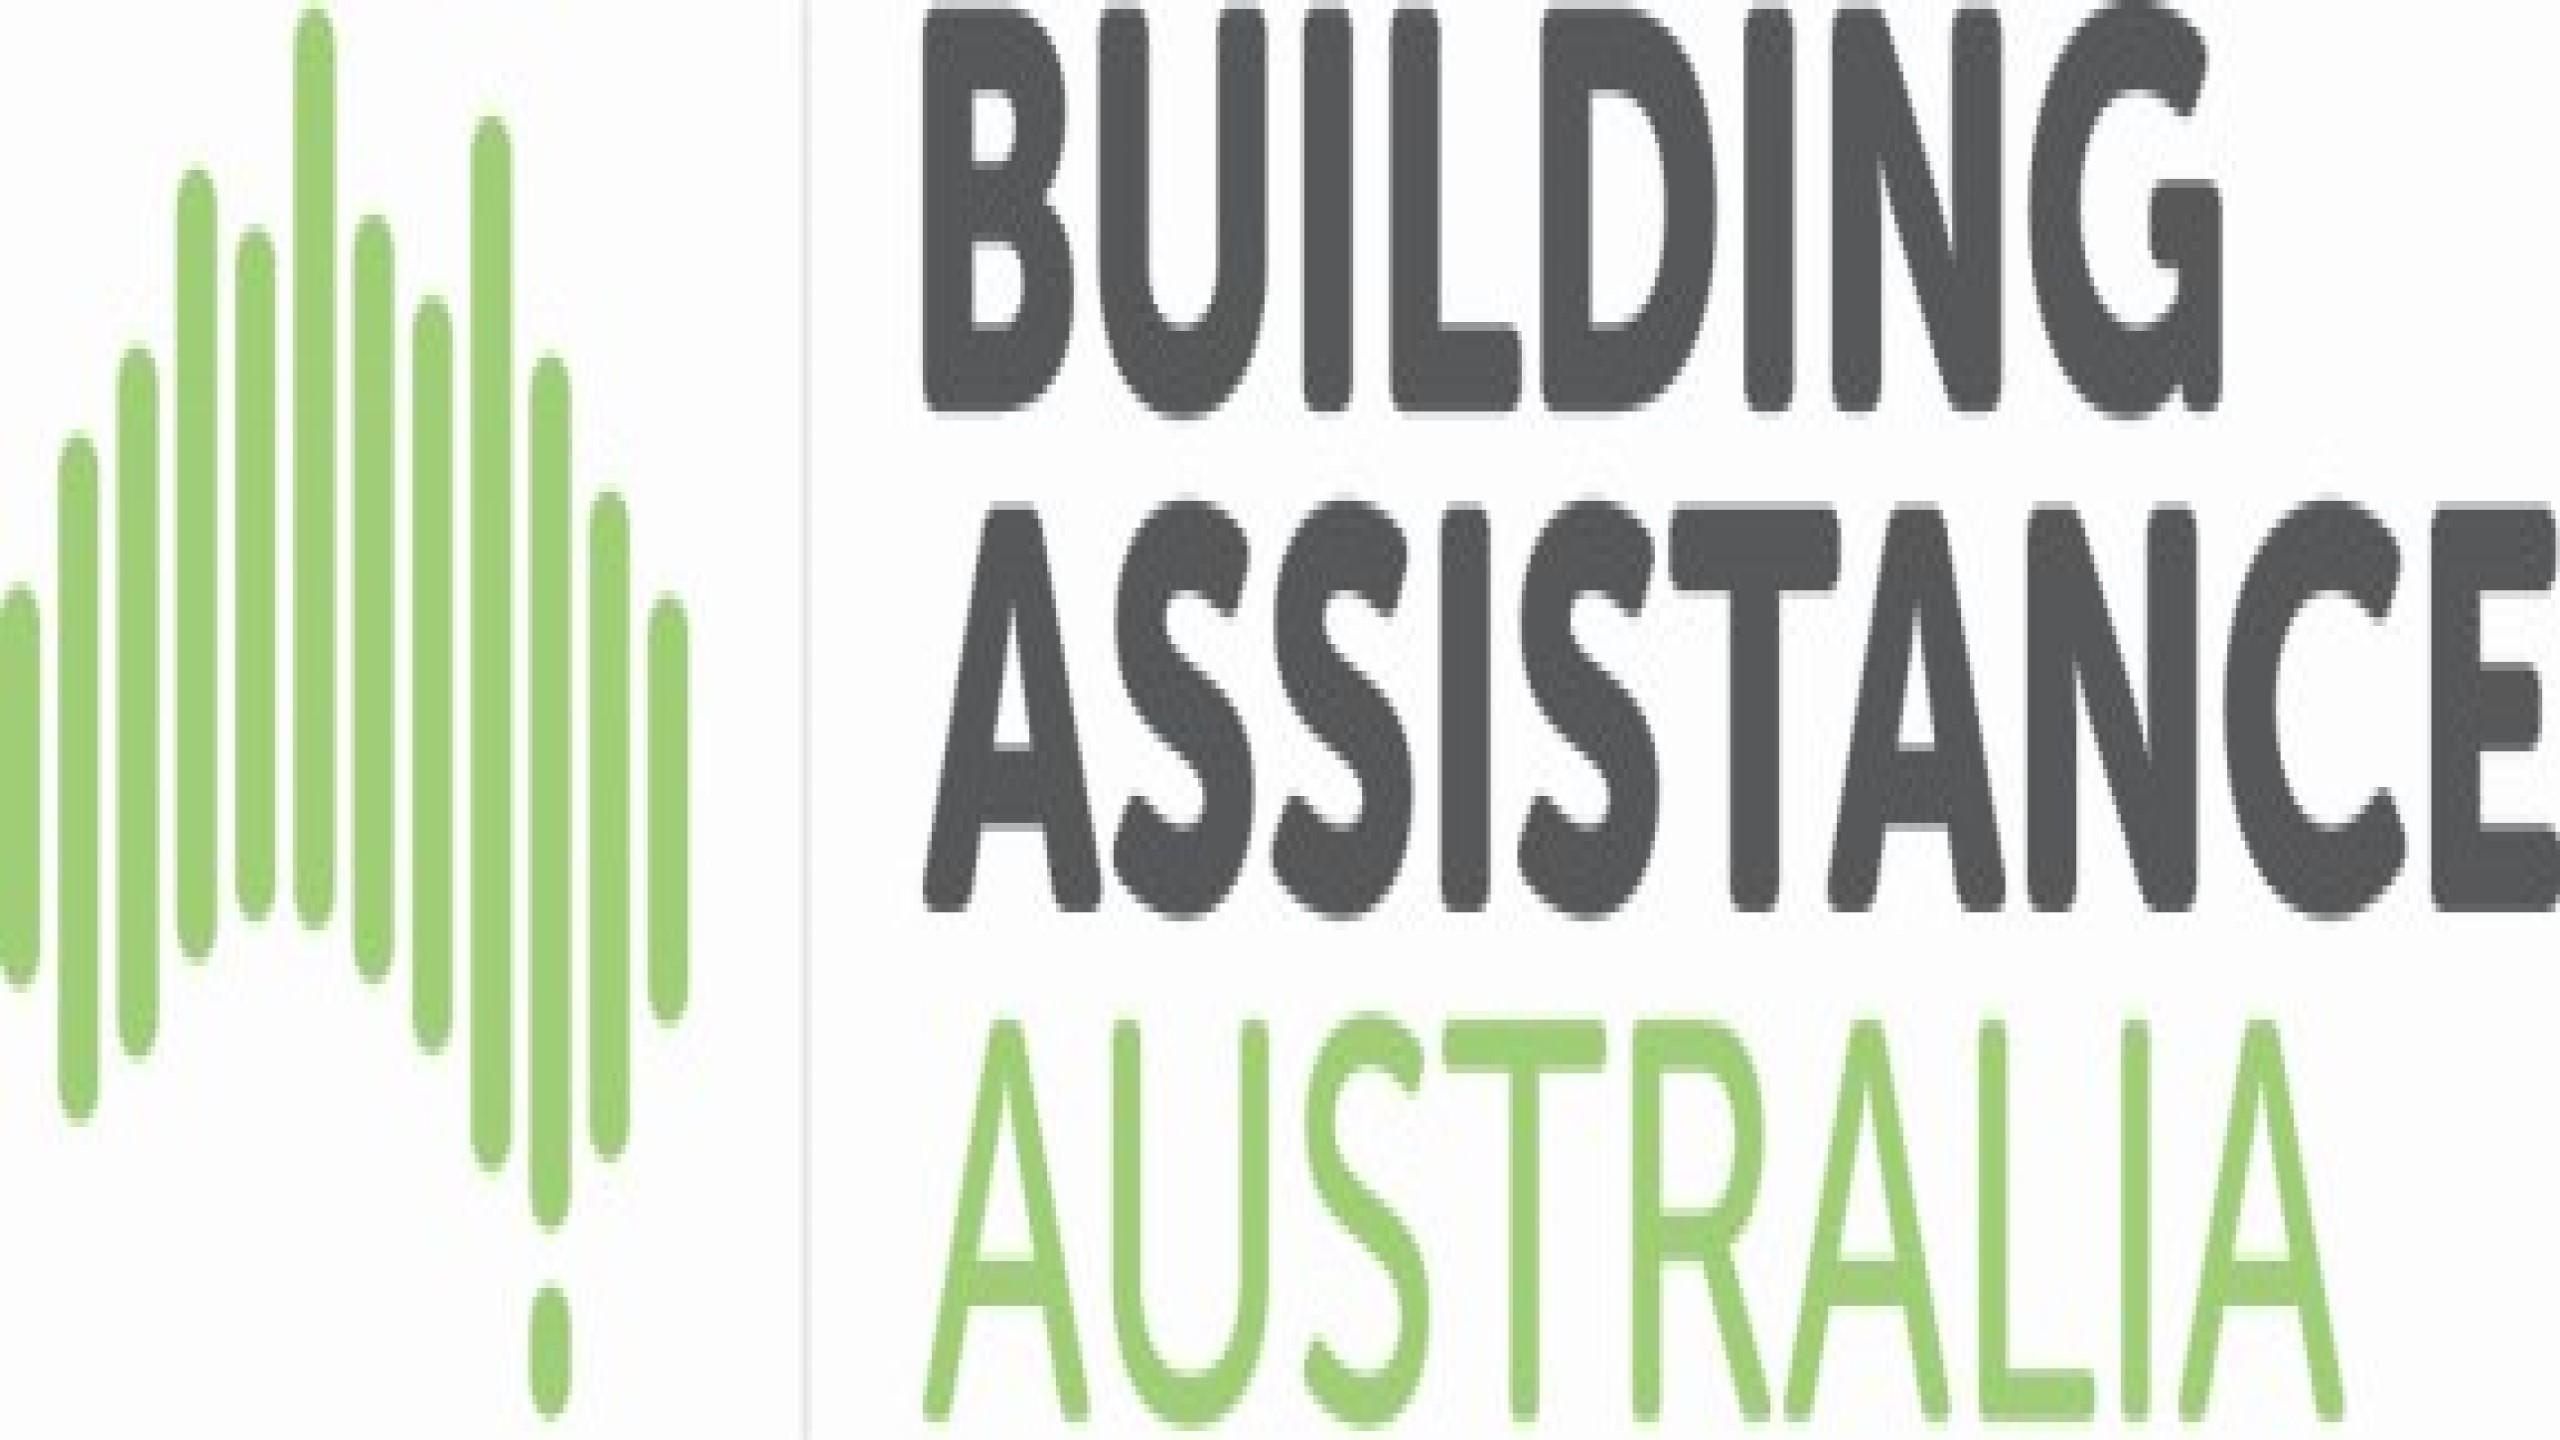 Building Assistance Australia